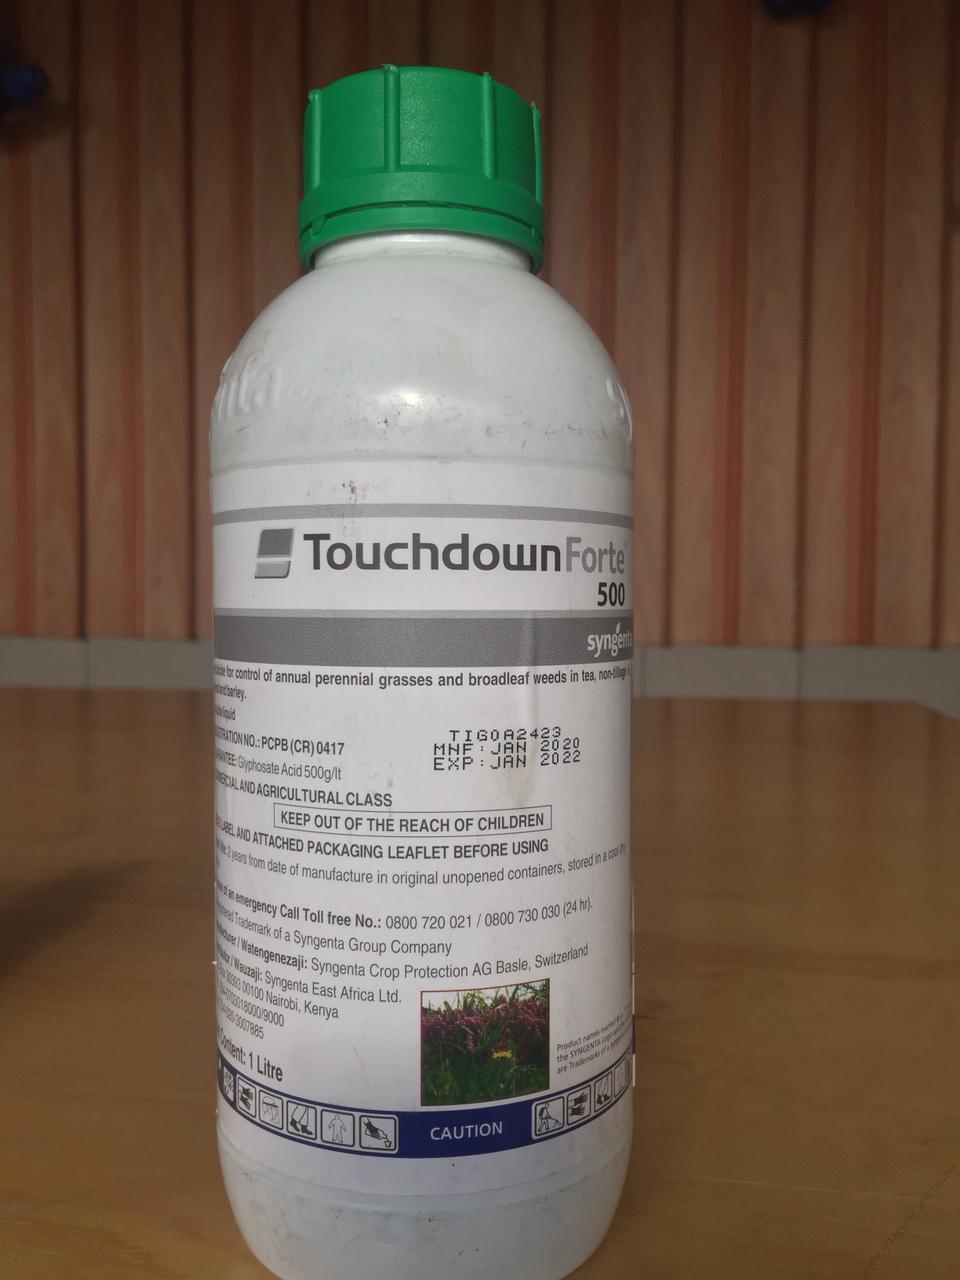 Touchdown Forte 500 SL